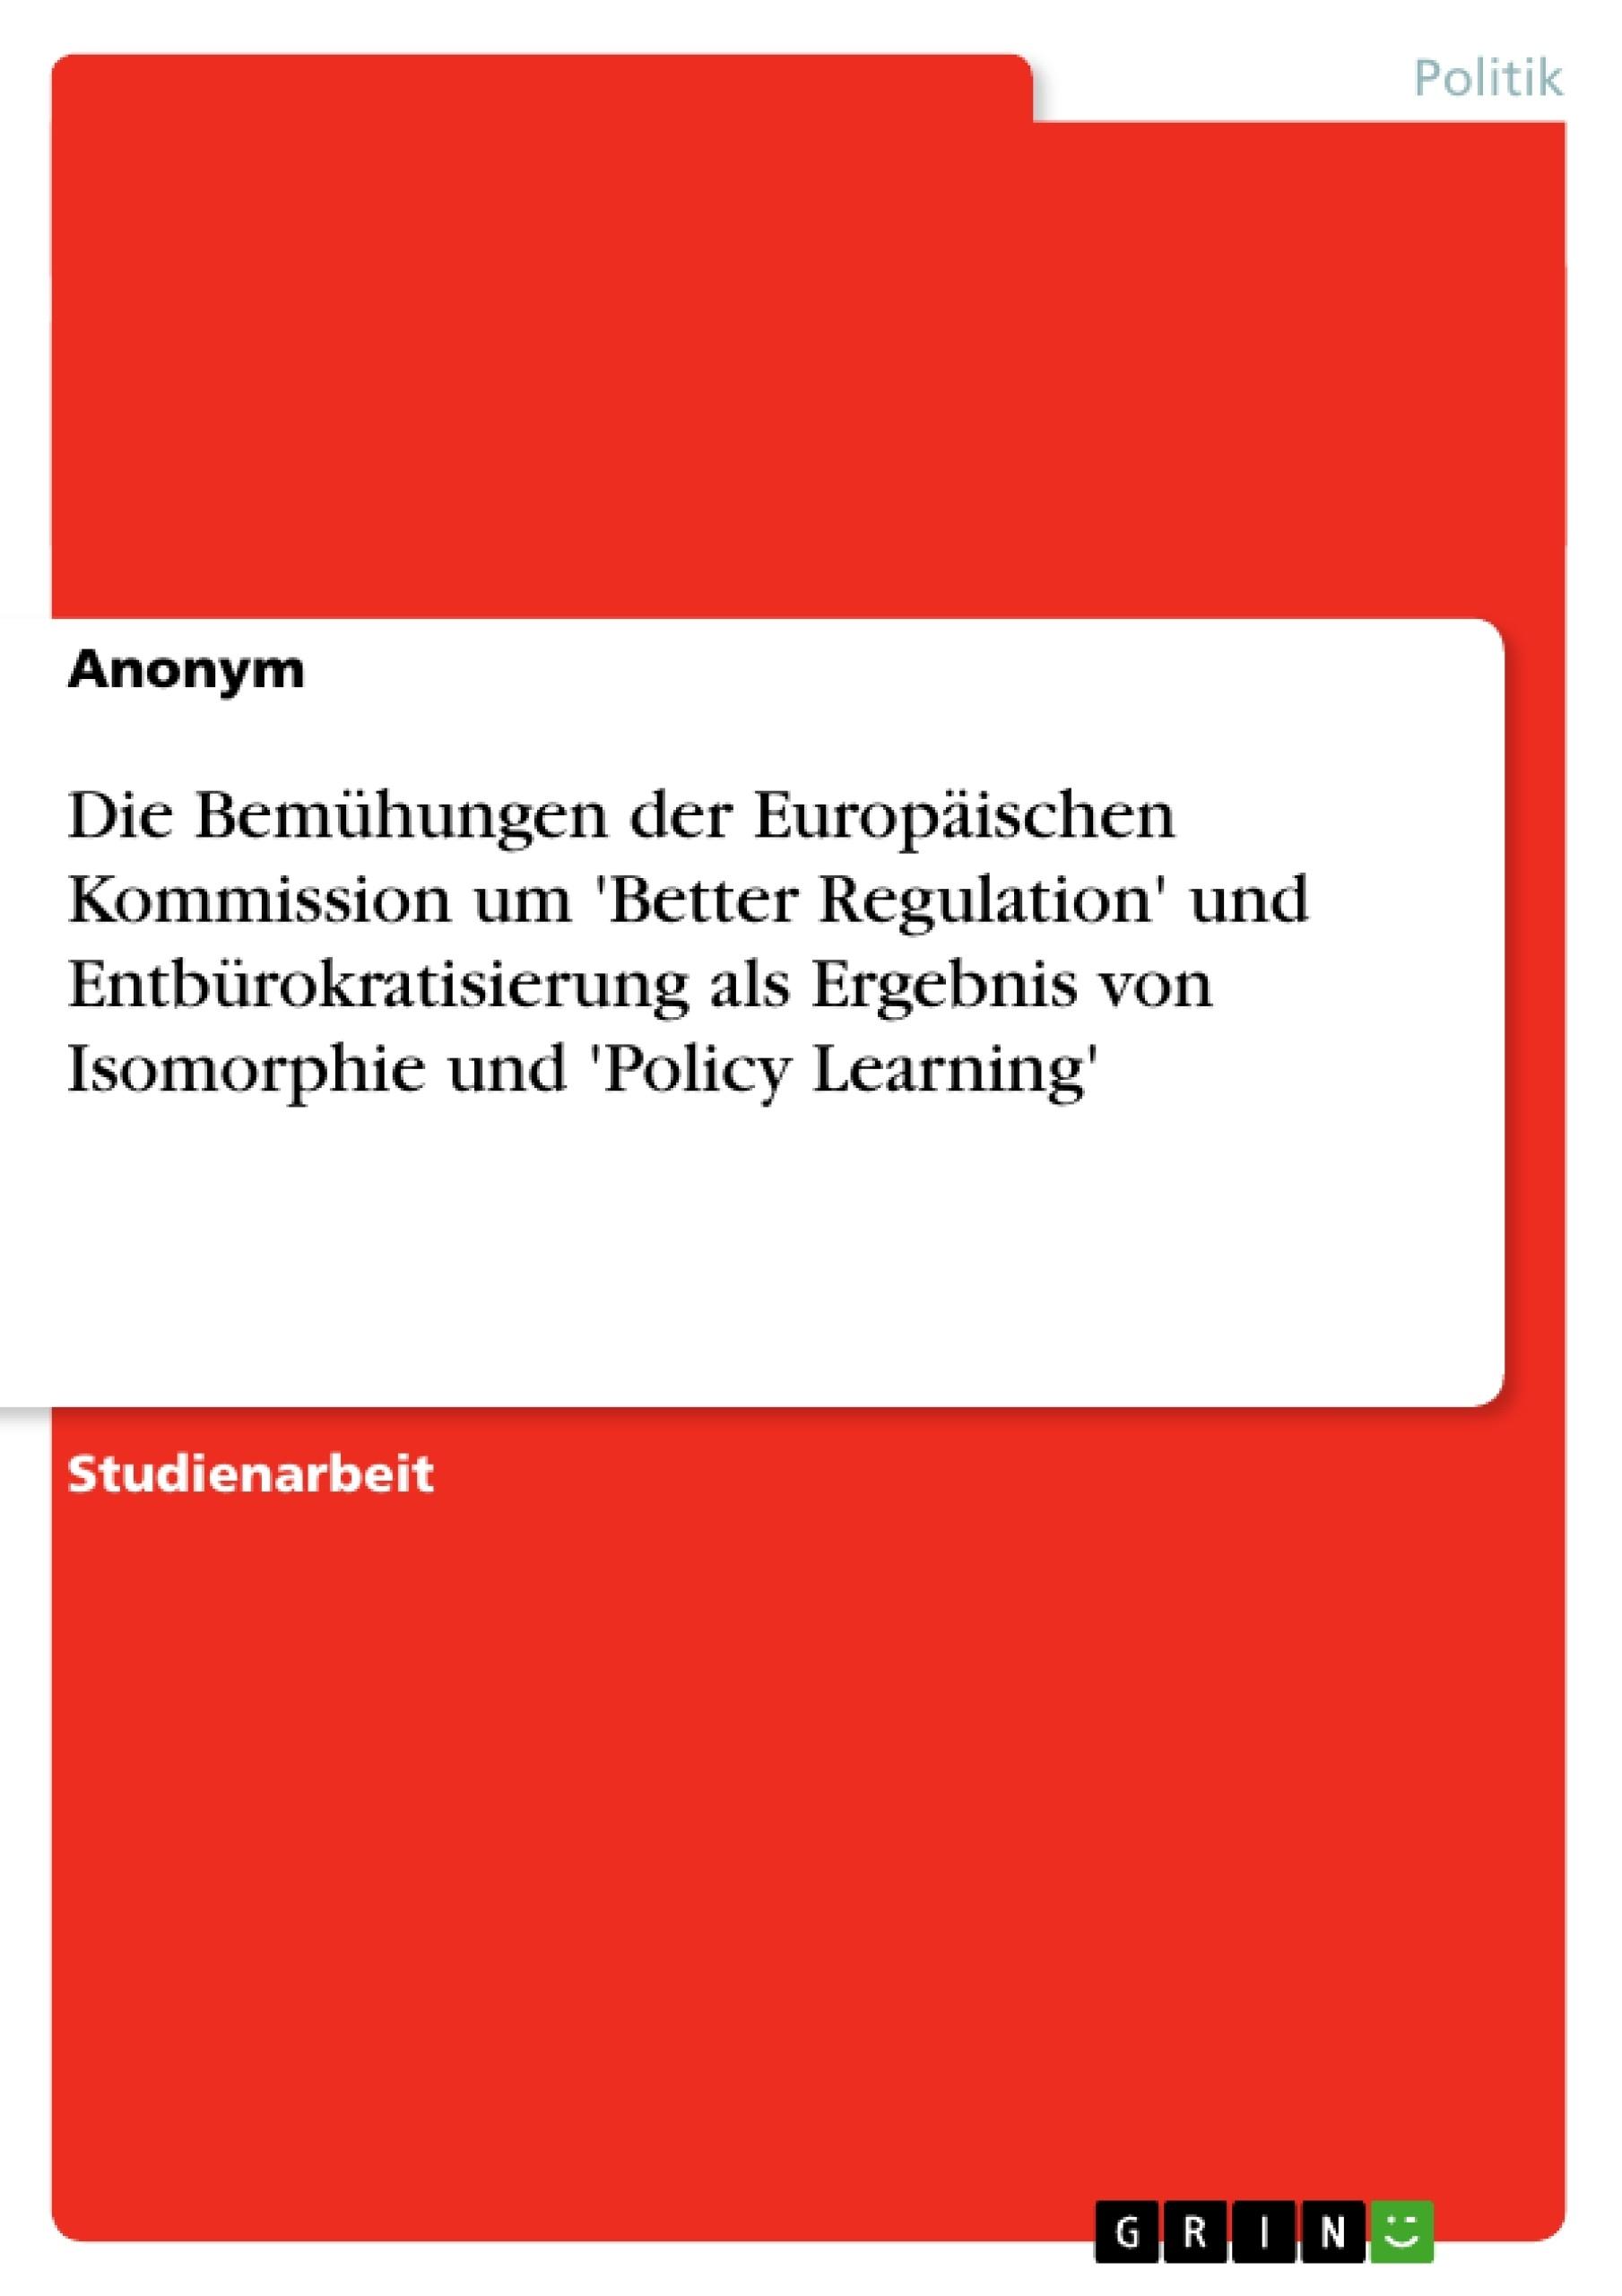 Titel: Die Bemühungen der Europäischen Kommission um 'Better Regulation' und Entbürokratisierung als Ergebnis von Isomorphie und 'Policy Learning'